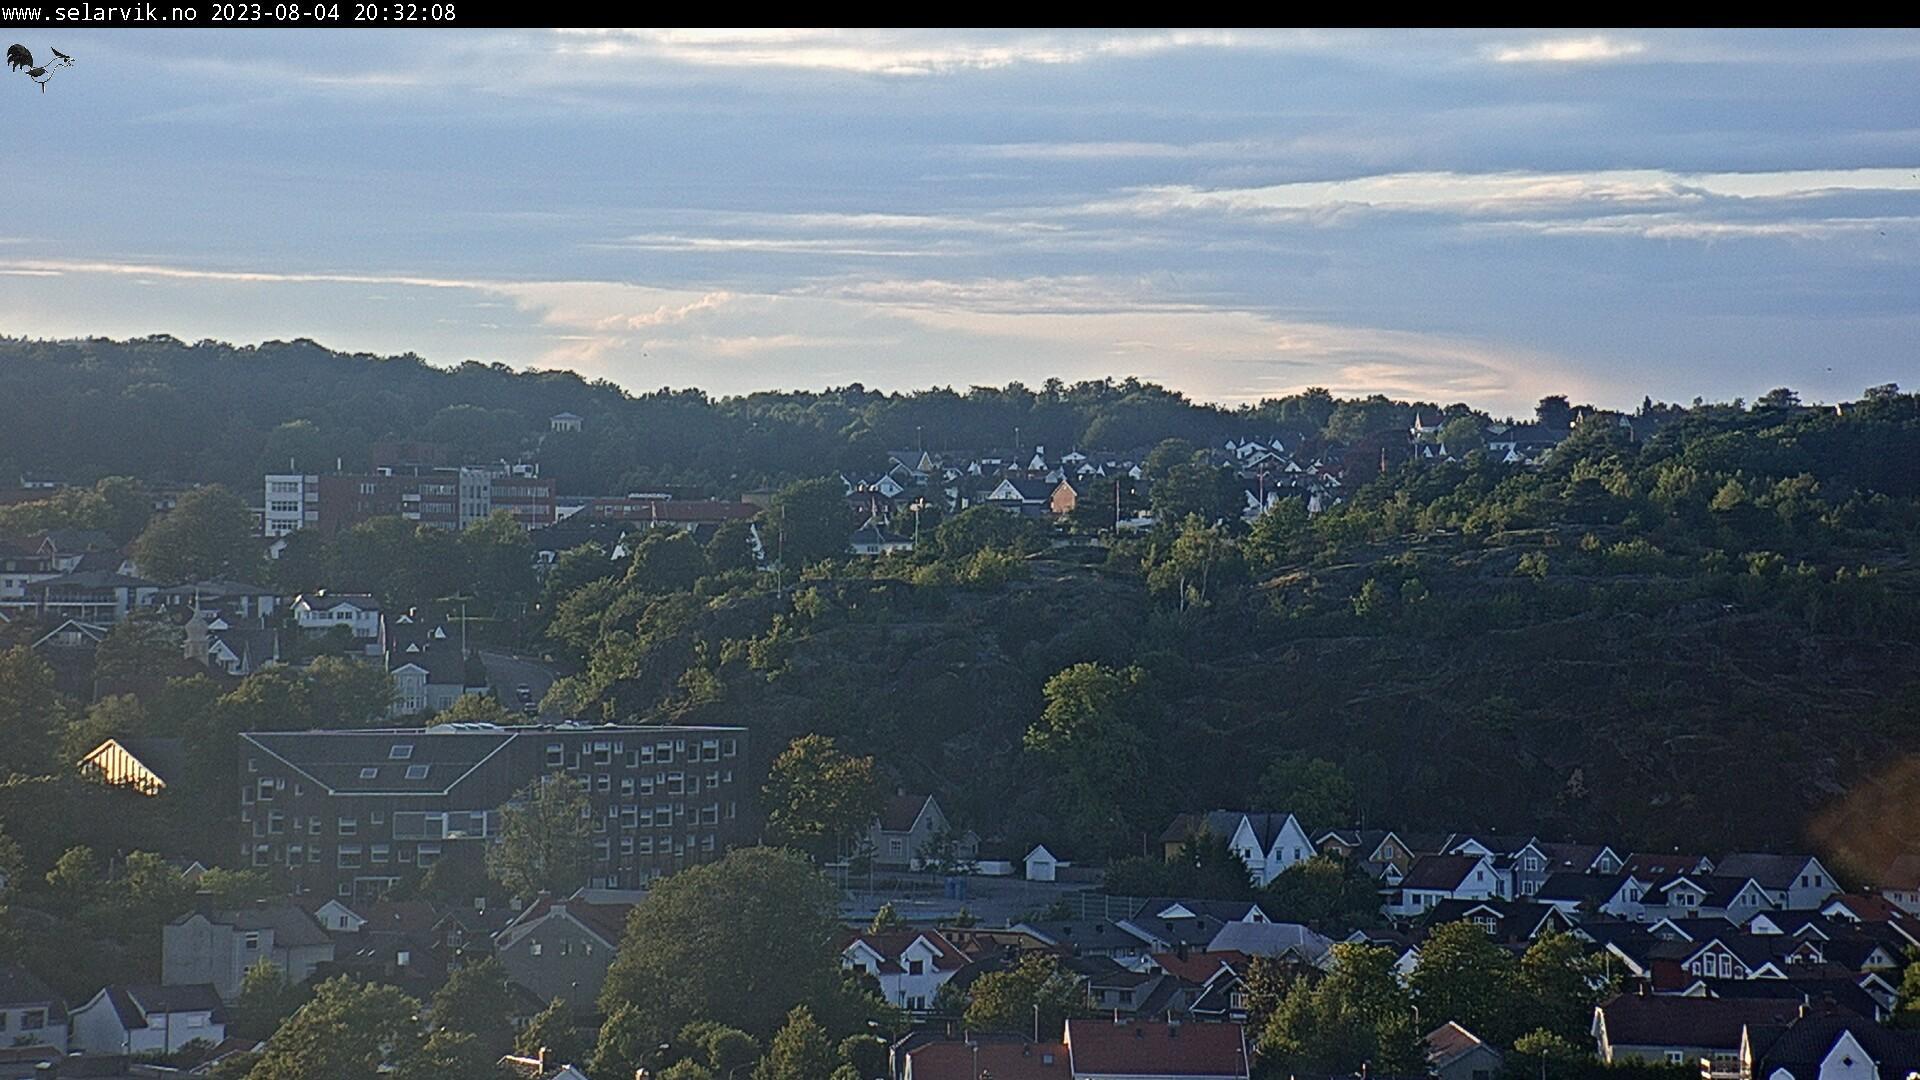 Webkamera Fredenshavn bru: Larvik − Mesterfjellet